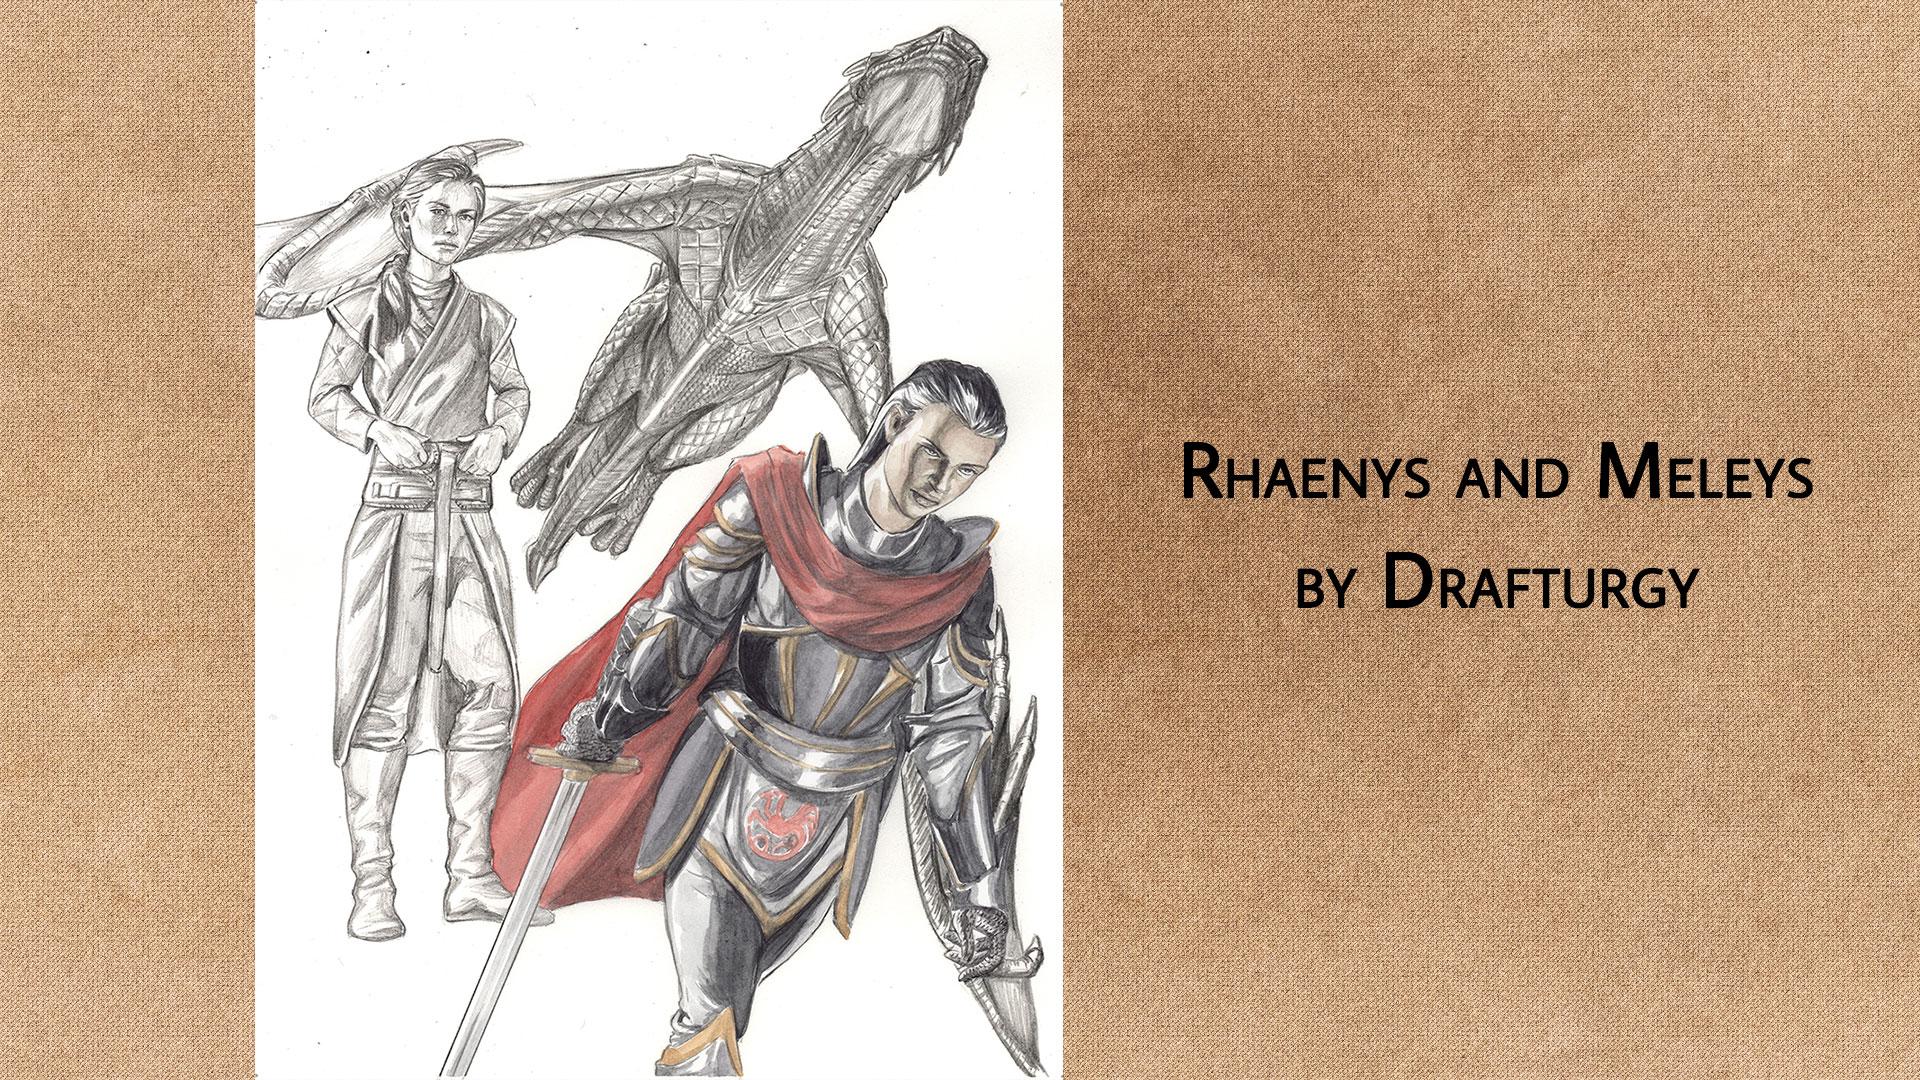 Rhaenys and Meleys (Drafturgy)